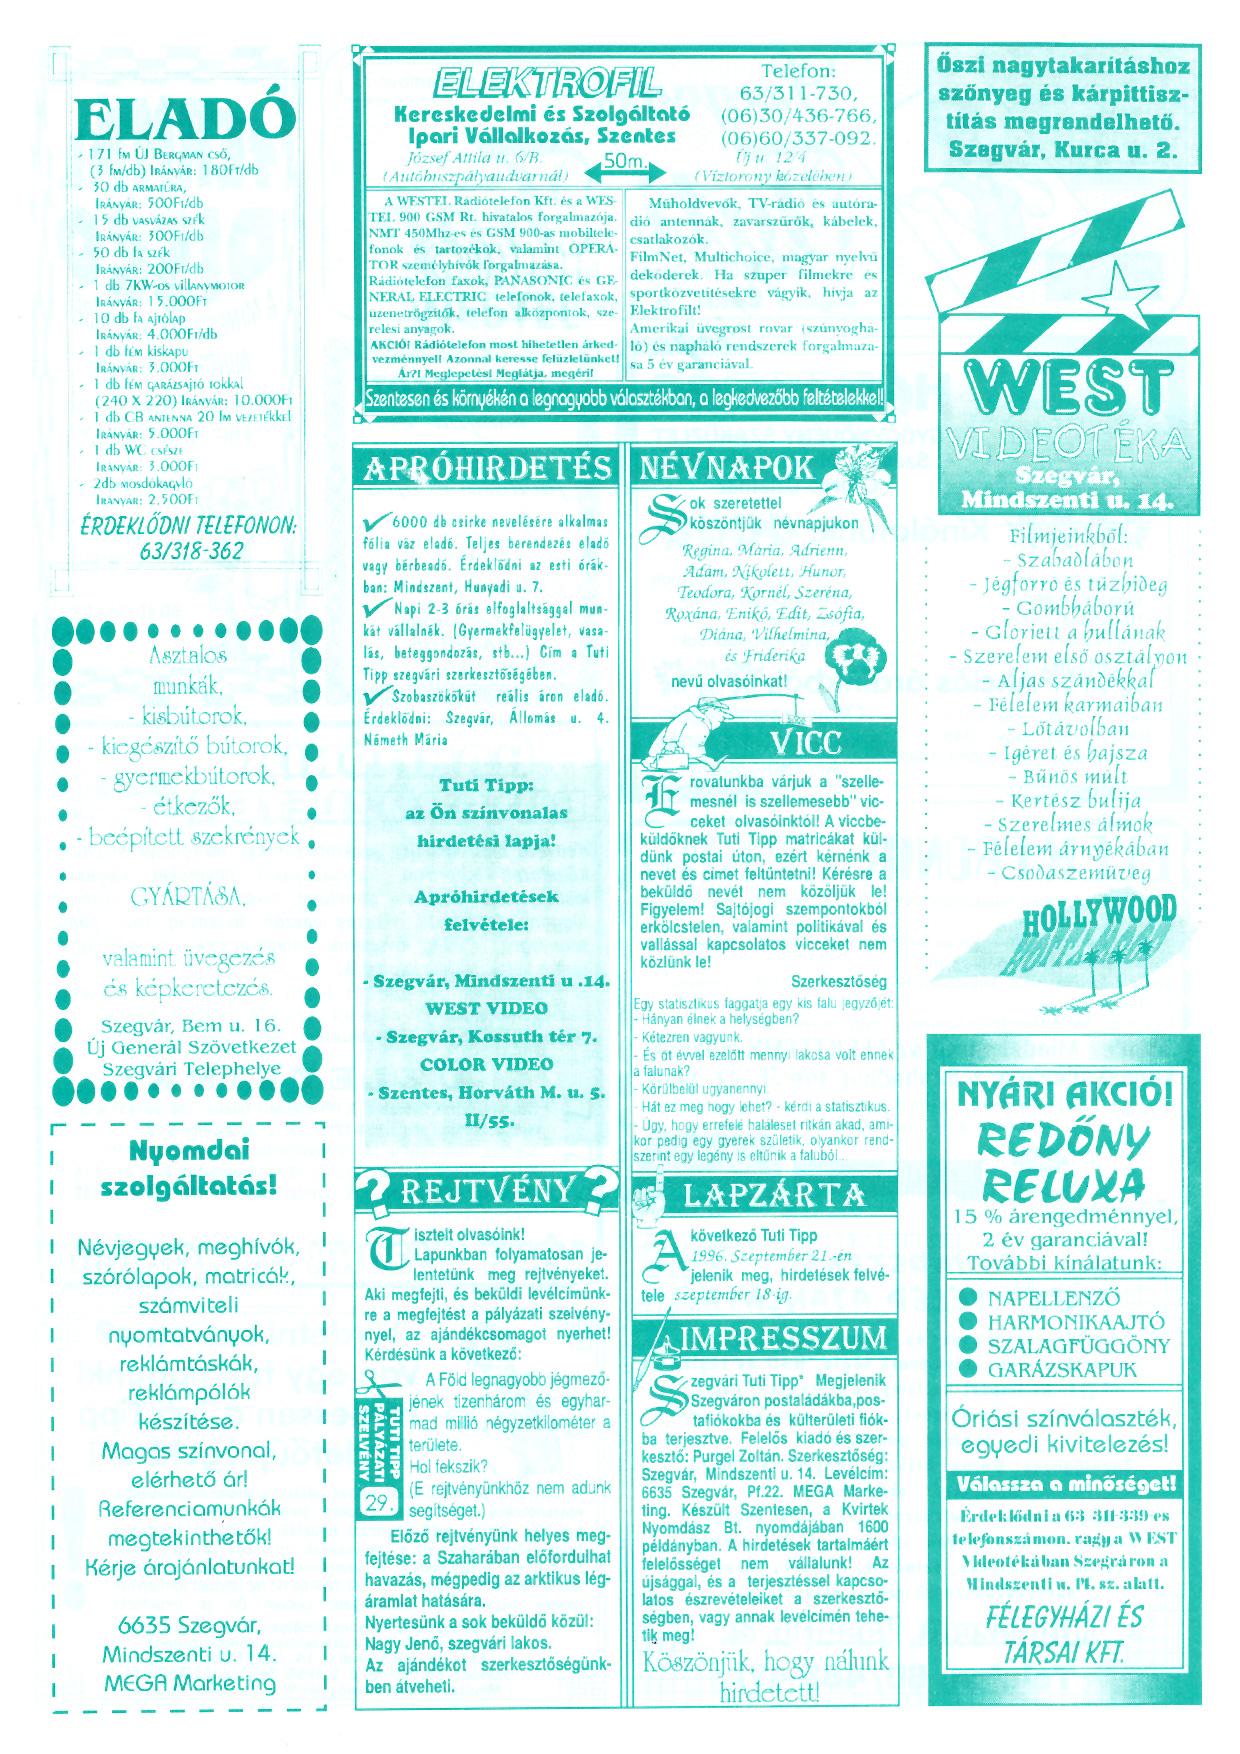 048 Szegvári Tuti Tipp reklámújság - 19960907-029. lapszám - 2.oldal - II. évfolyam.jpg